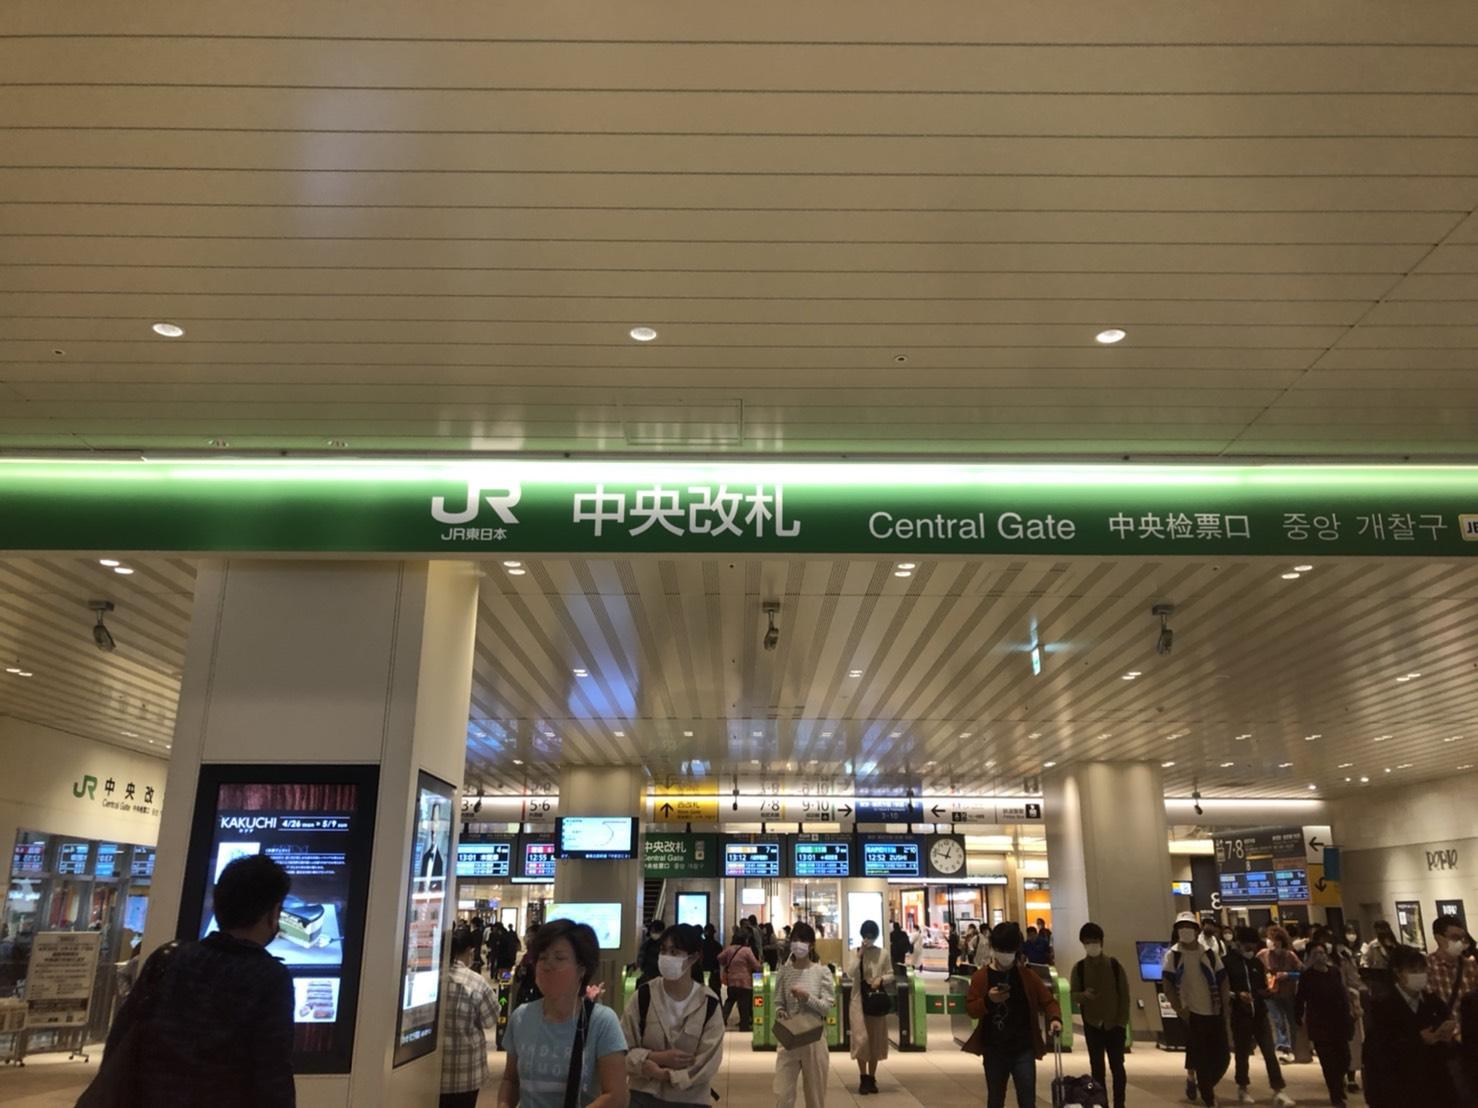 千葉中央改札